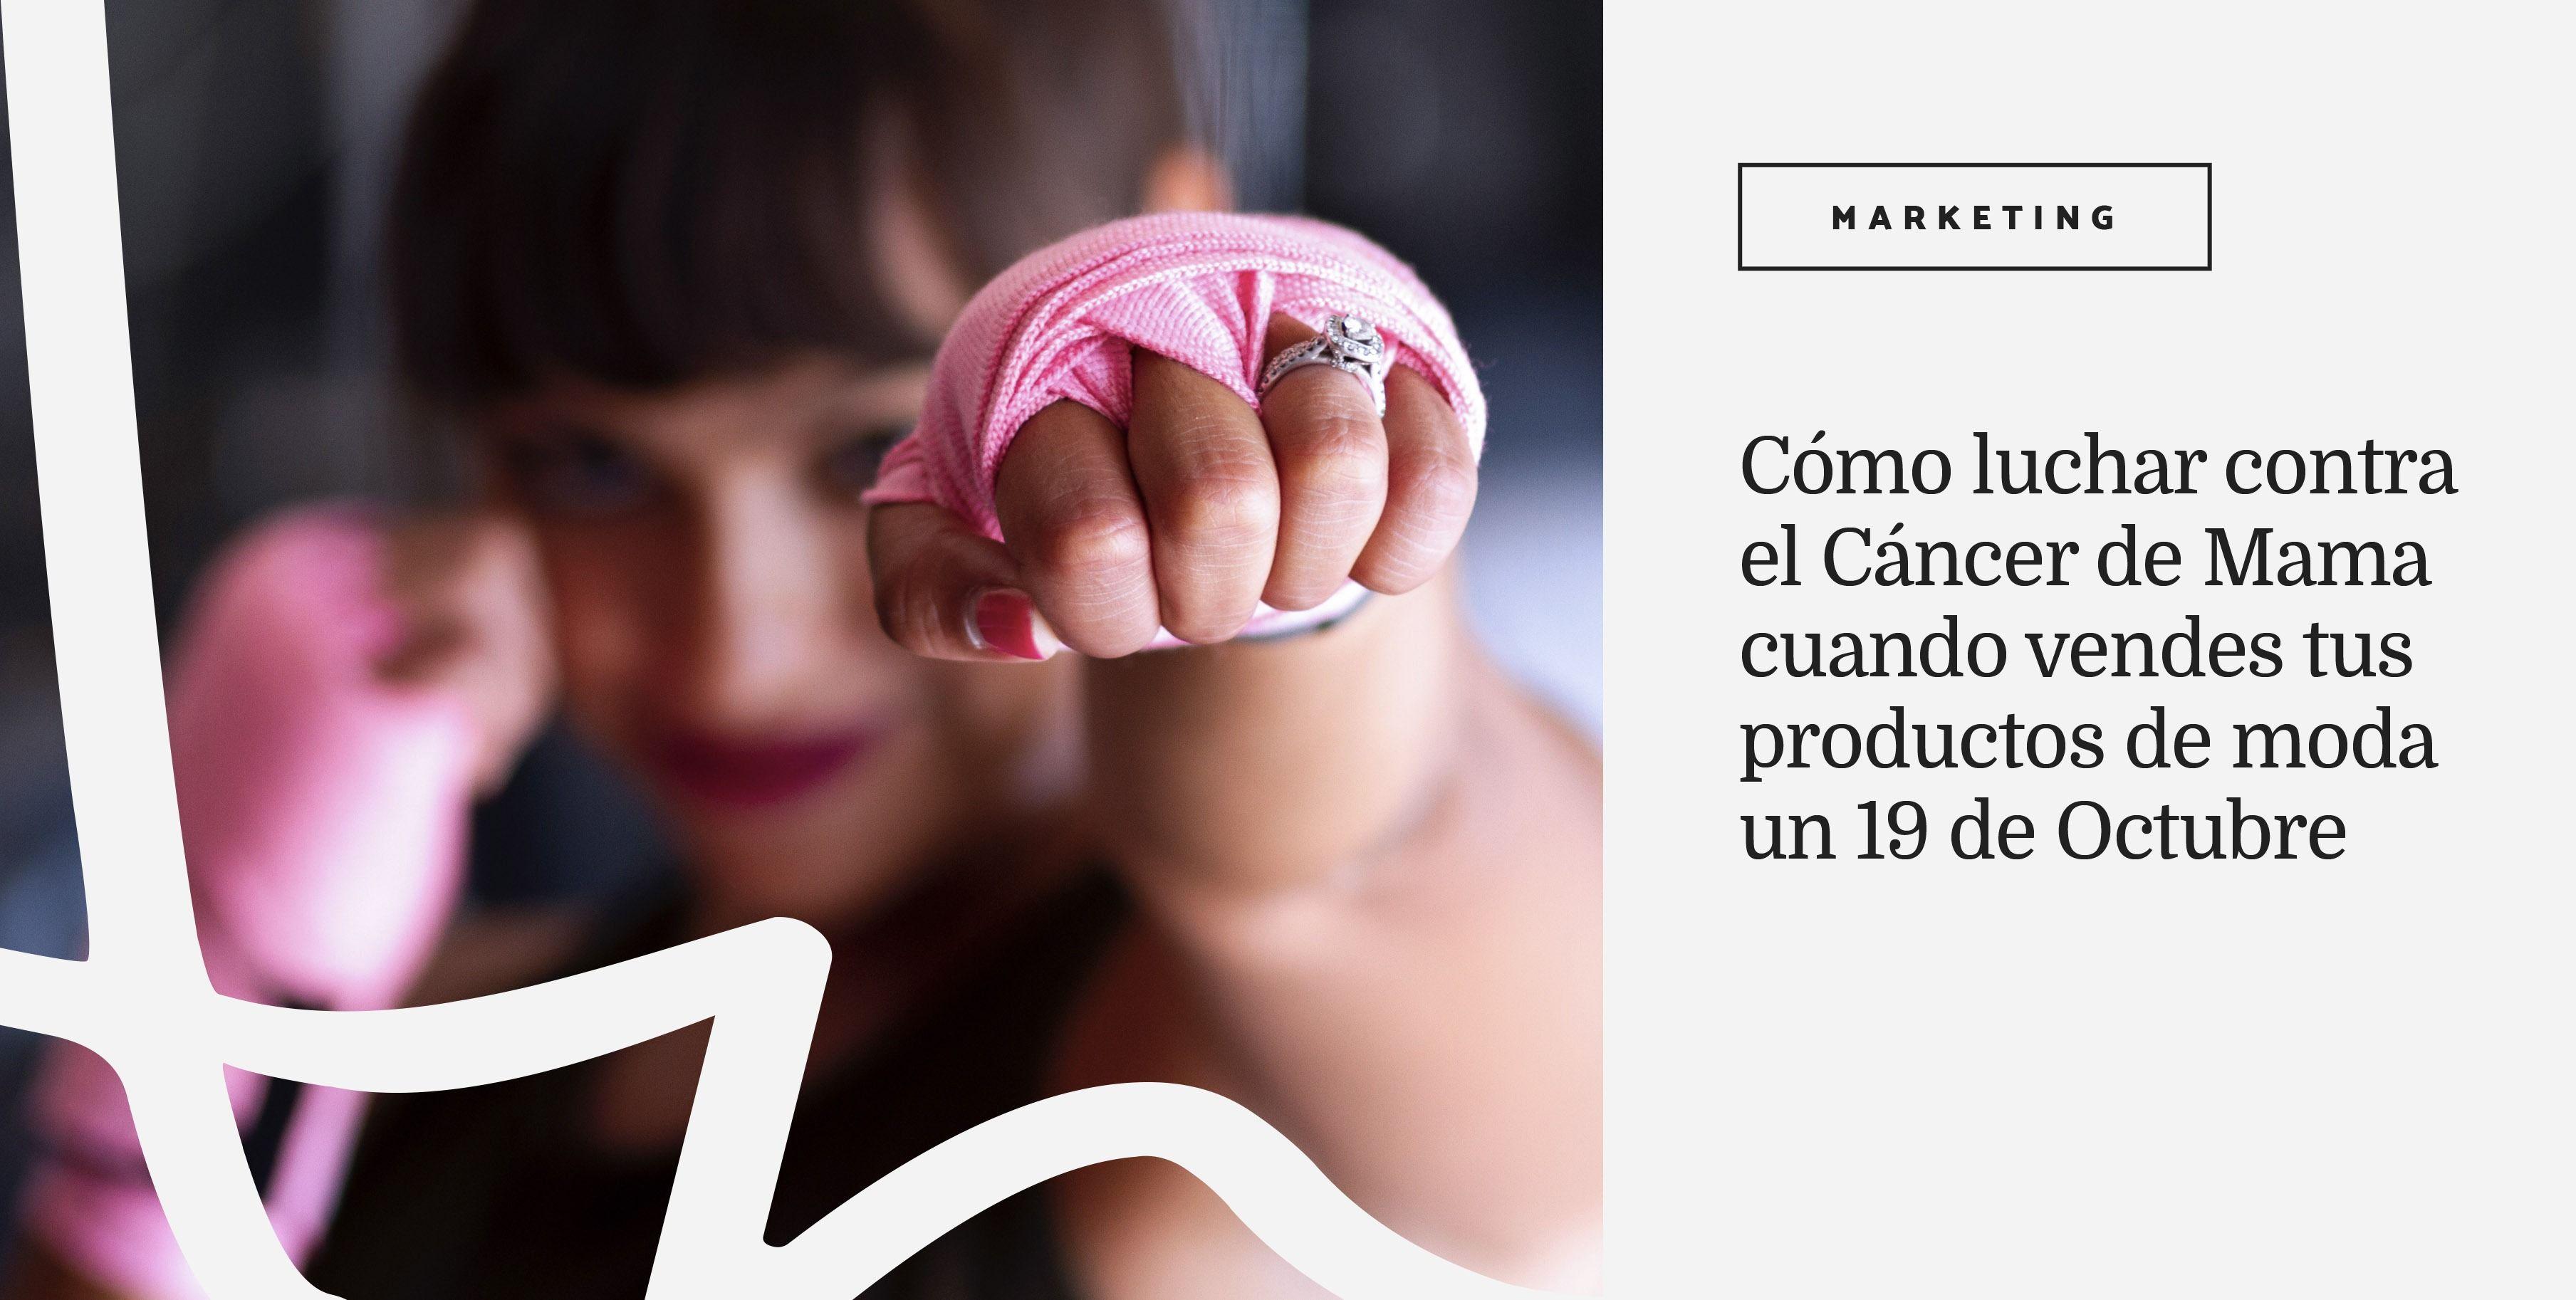 acciones-moda-solidaria-contra-el-cancer-de-mama-Ana-Diaz-del-Rio-Portada